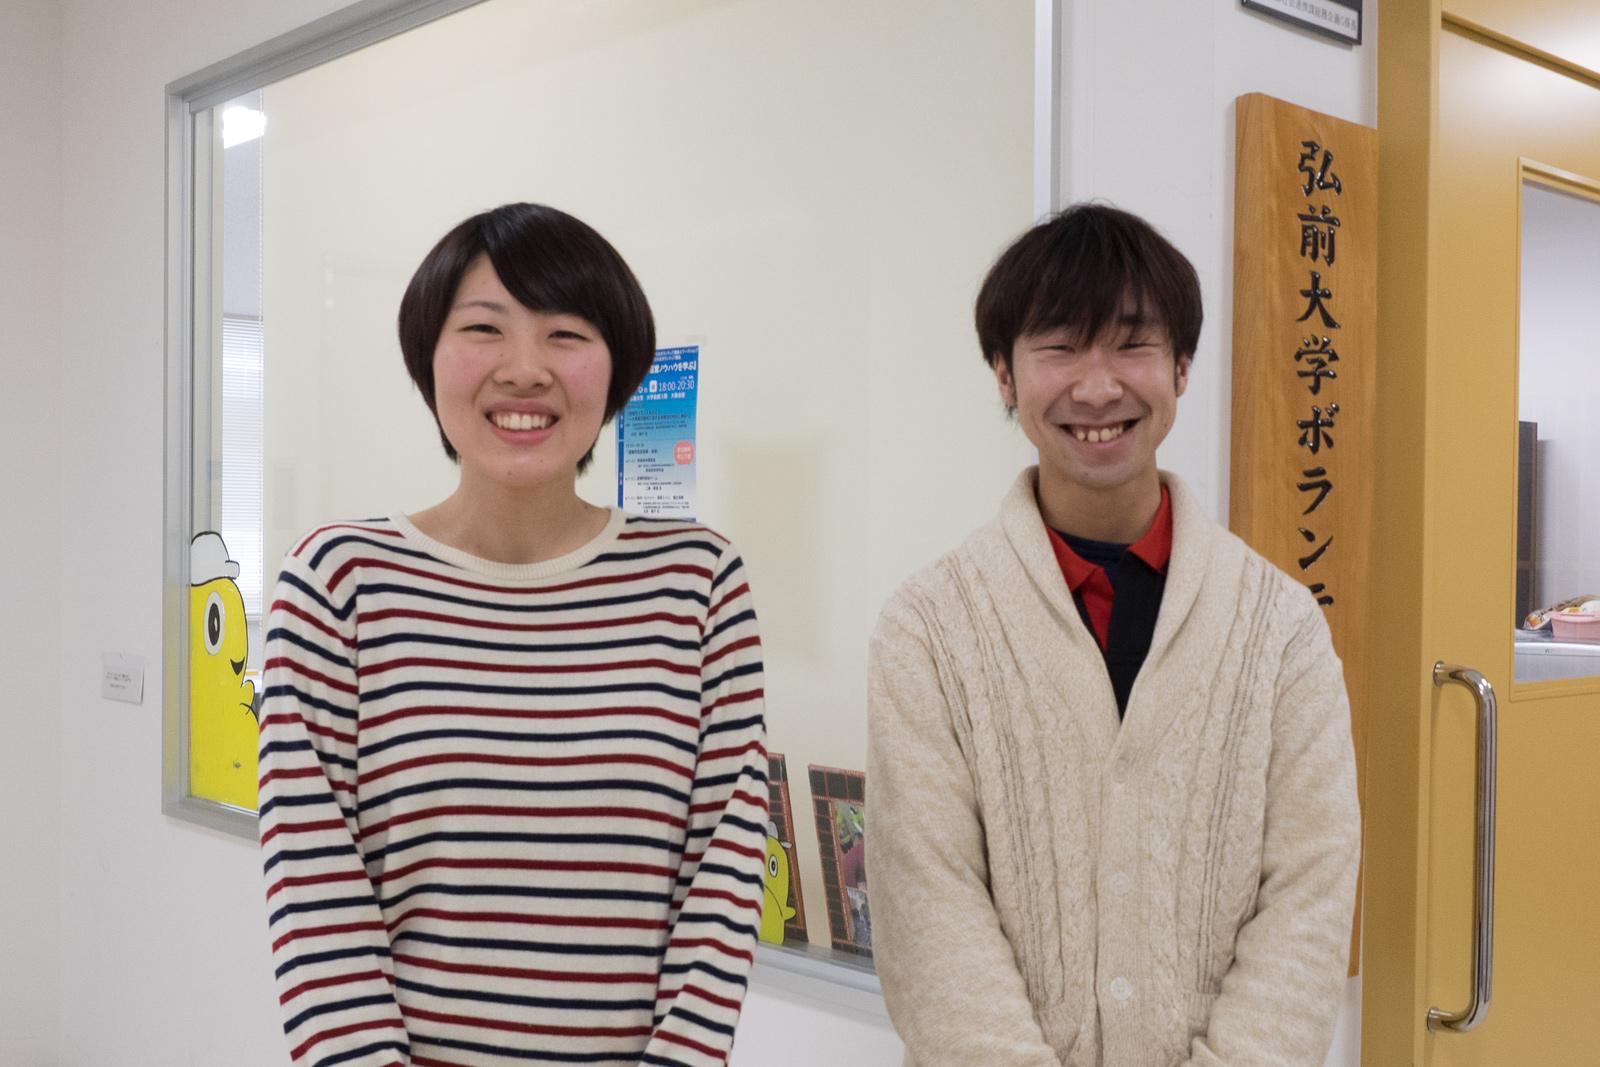 学生事務局 平井典子さん(左:人文学部4年)と学生事務局 前代表・垣内雅仁さん(右:教育学部4年)